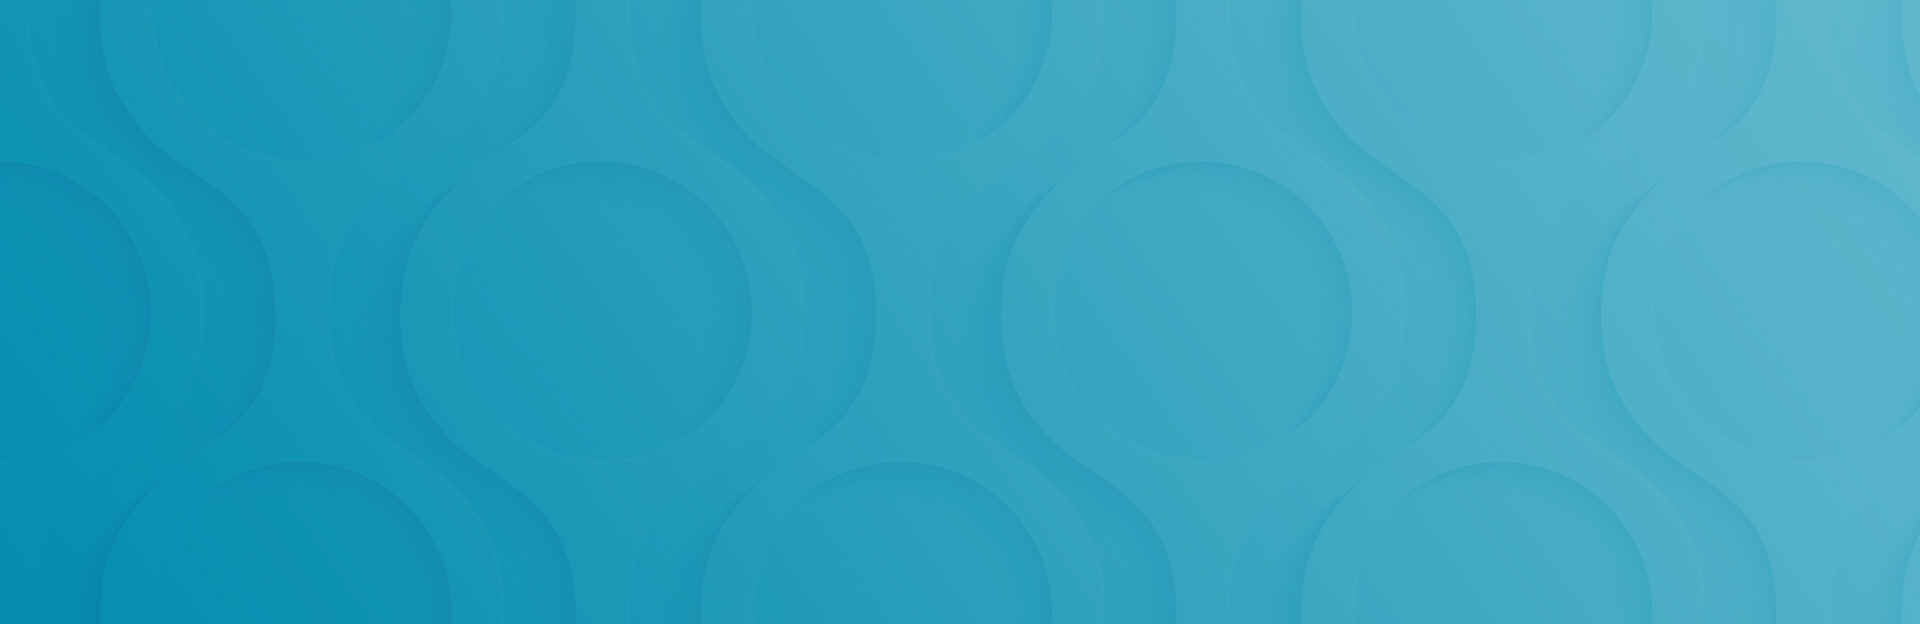 Blue Swirl Background Image